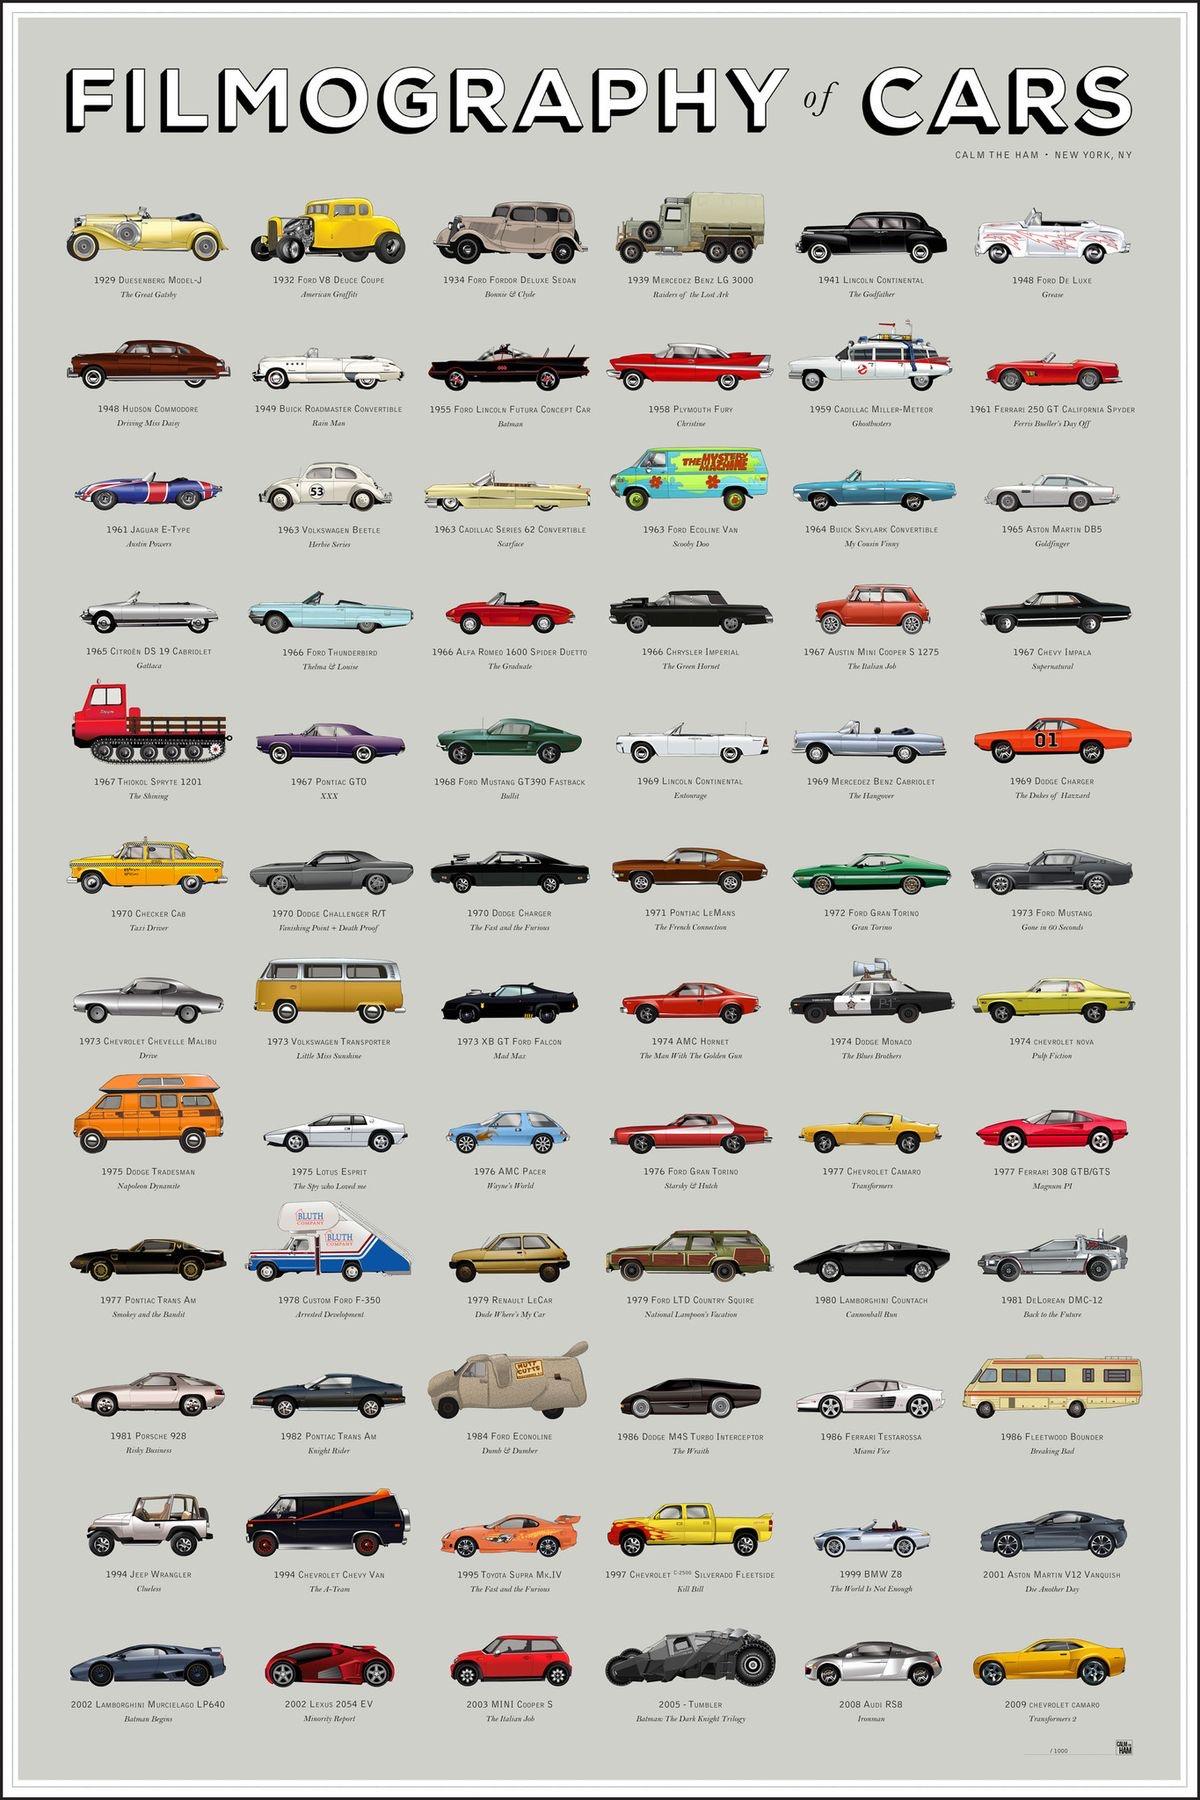 77 รถยนต์ที่โด่งดังเป็นตำนานในโลกภาพยนต์ ( Filmography of cars )